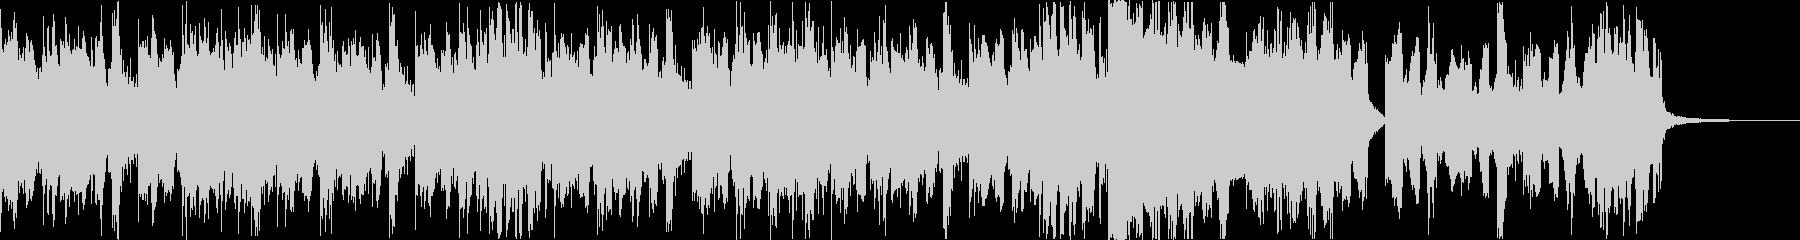 スタイリッシュ・アグレッシブエレクトロdの未再生の波形